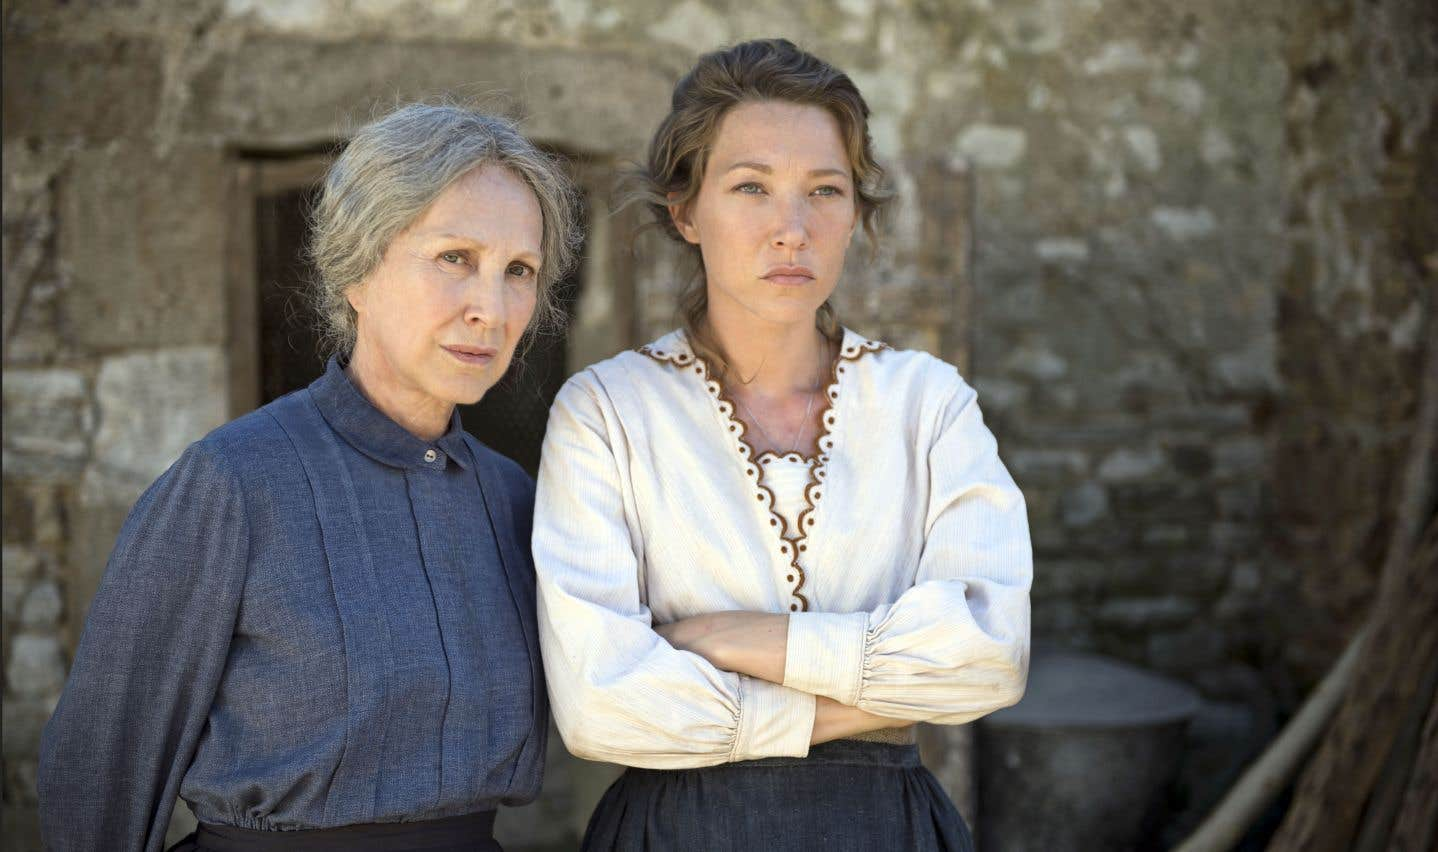 Nathalie Baye et Laura Smet s'étaient déjà retrouvées à l'affiche d'un épisode d'une série télé, mais dans un film, jamais auparavant. Nul besoin pour elles d'imaginer en amont du tournage un lien de filiation, il existait déjà.